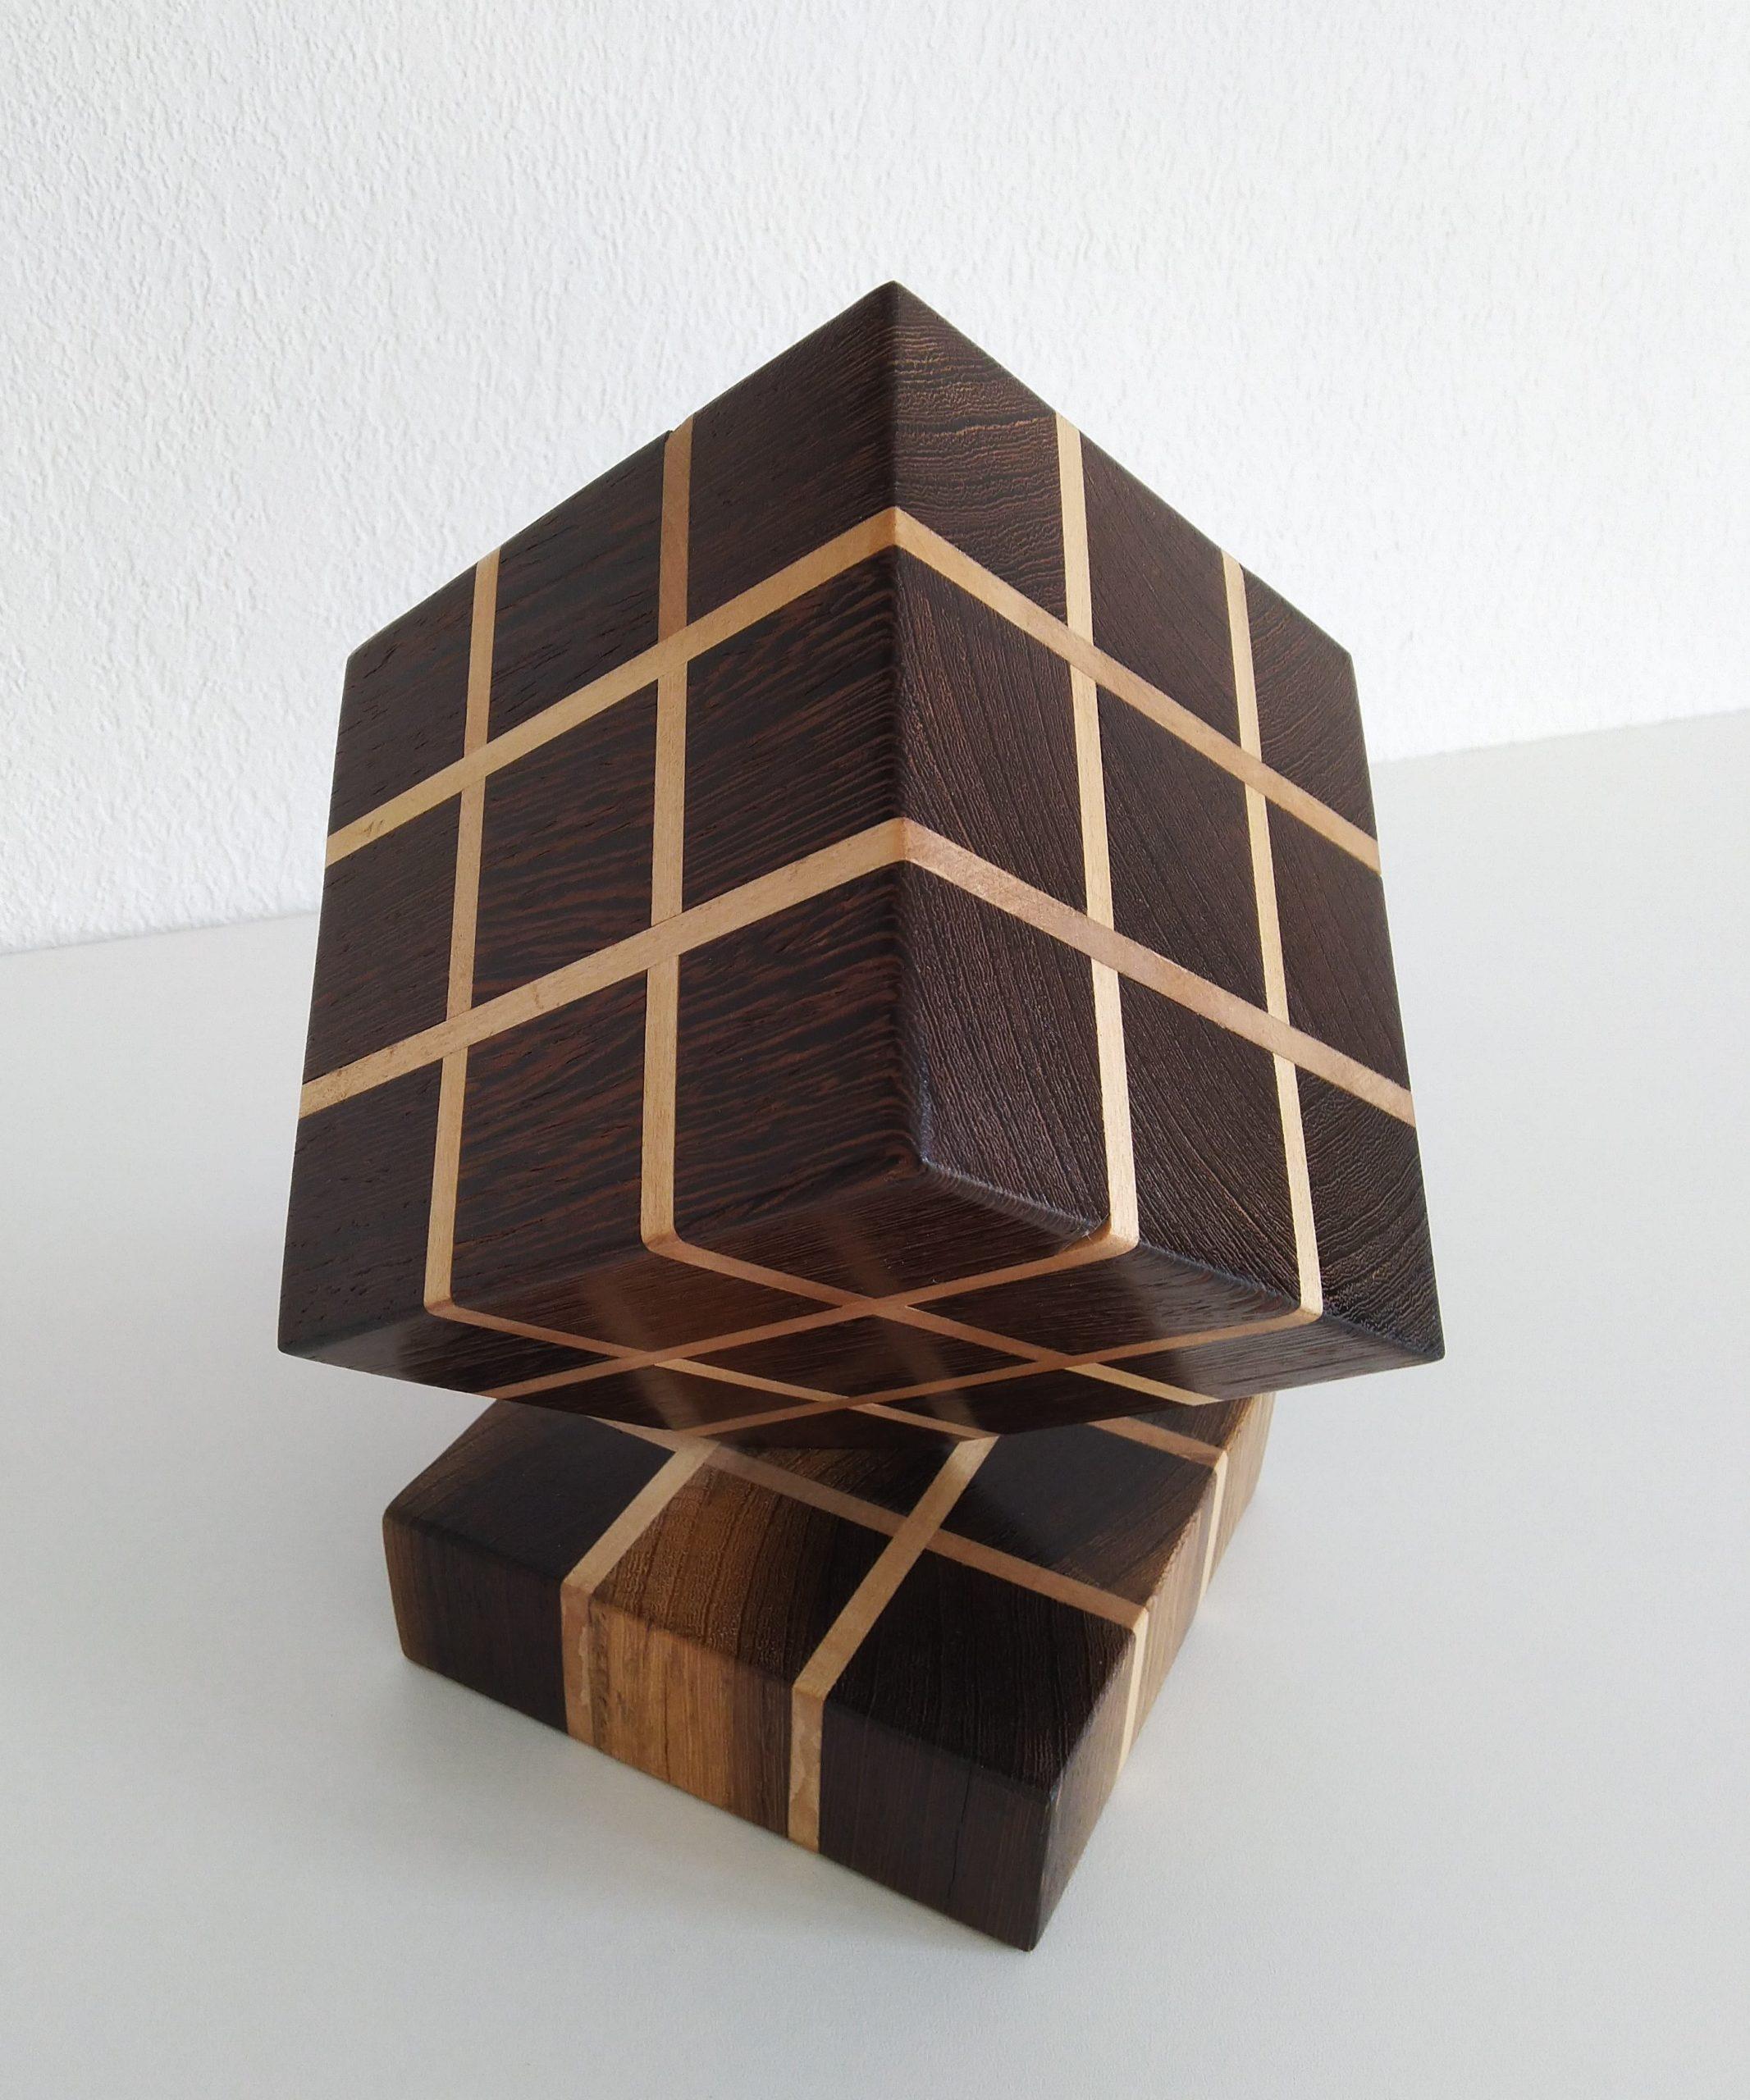 Cube sur sommet